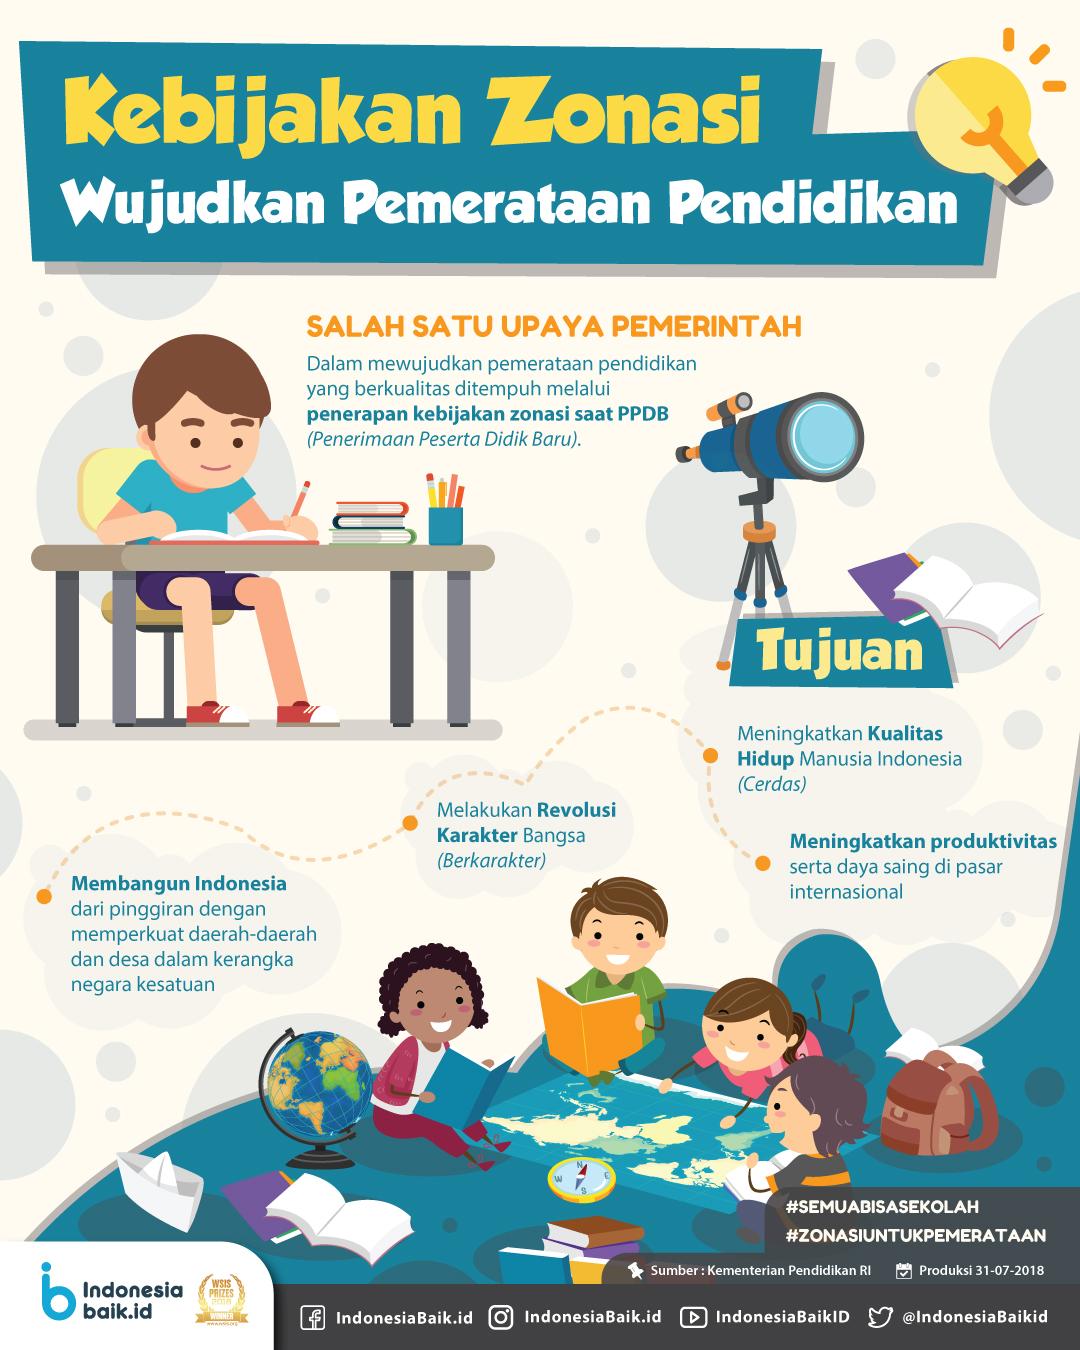 Kebijakan Zonasi Wujudkan Pemerataan Pendidikan